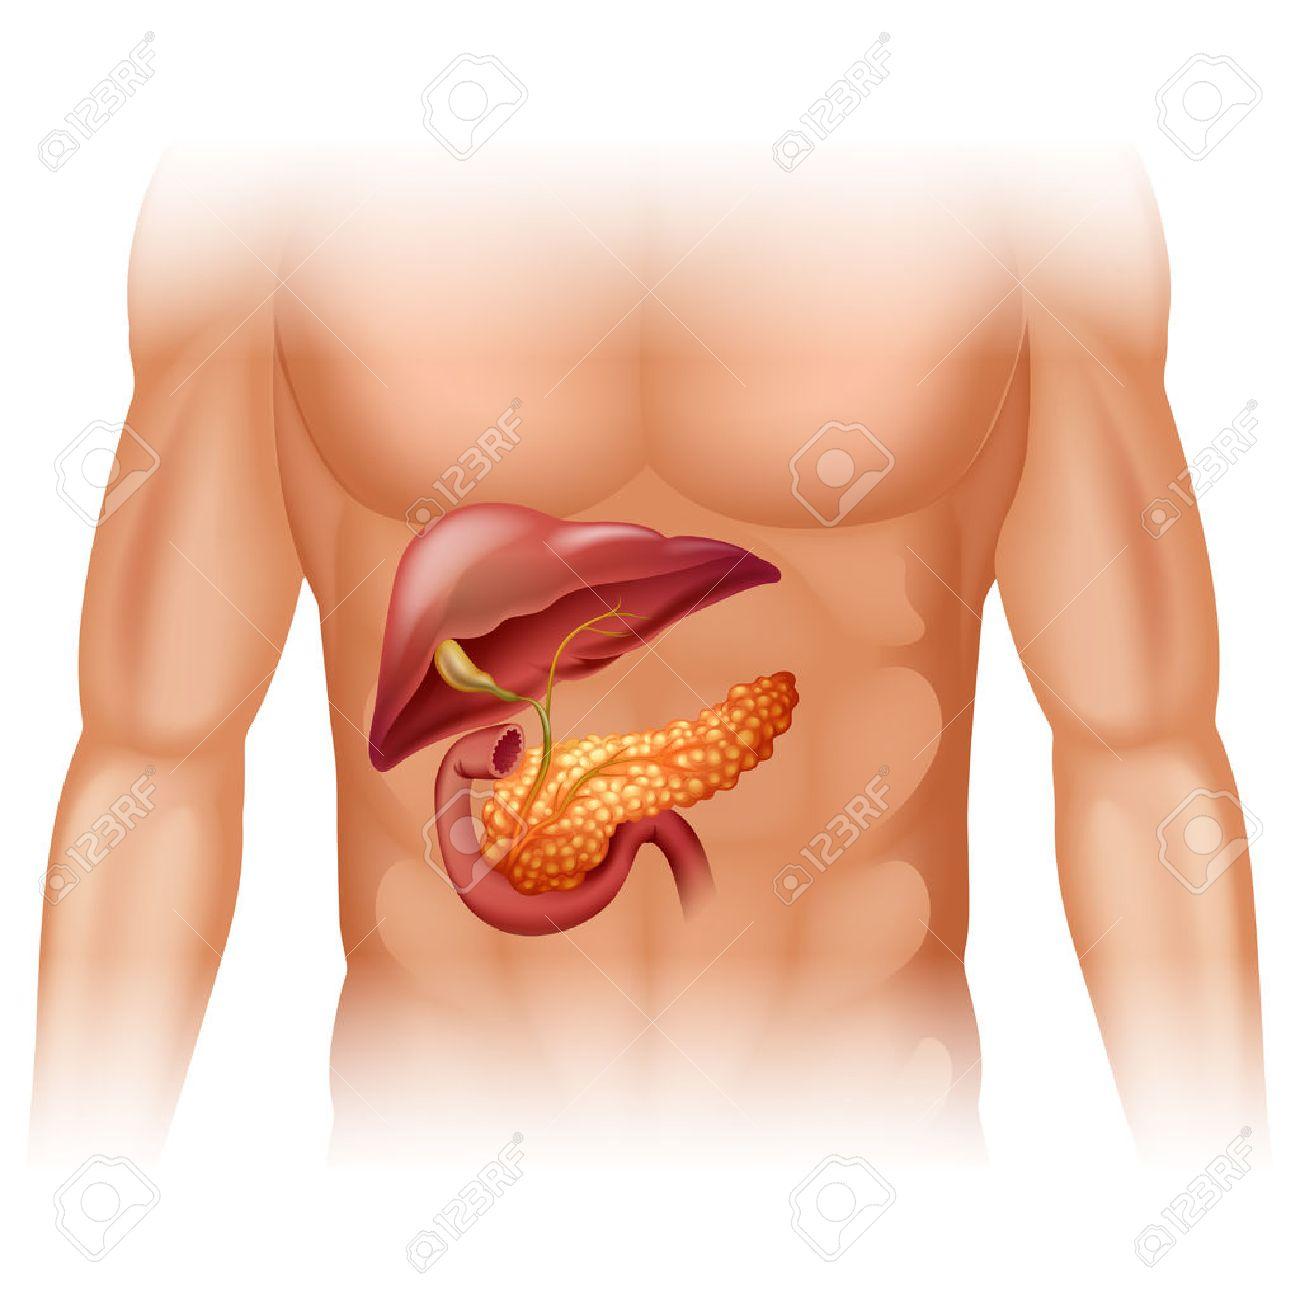 Bauchspeicheldrüsenkrebs Diagramm Im Detail Abbildung Lizenzfrei ...